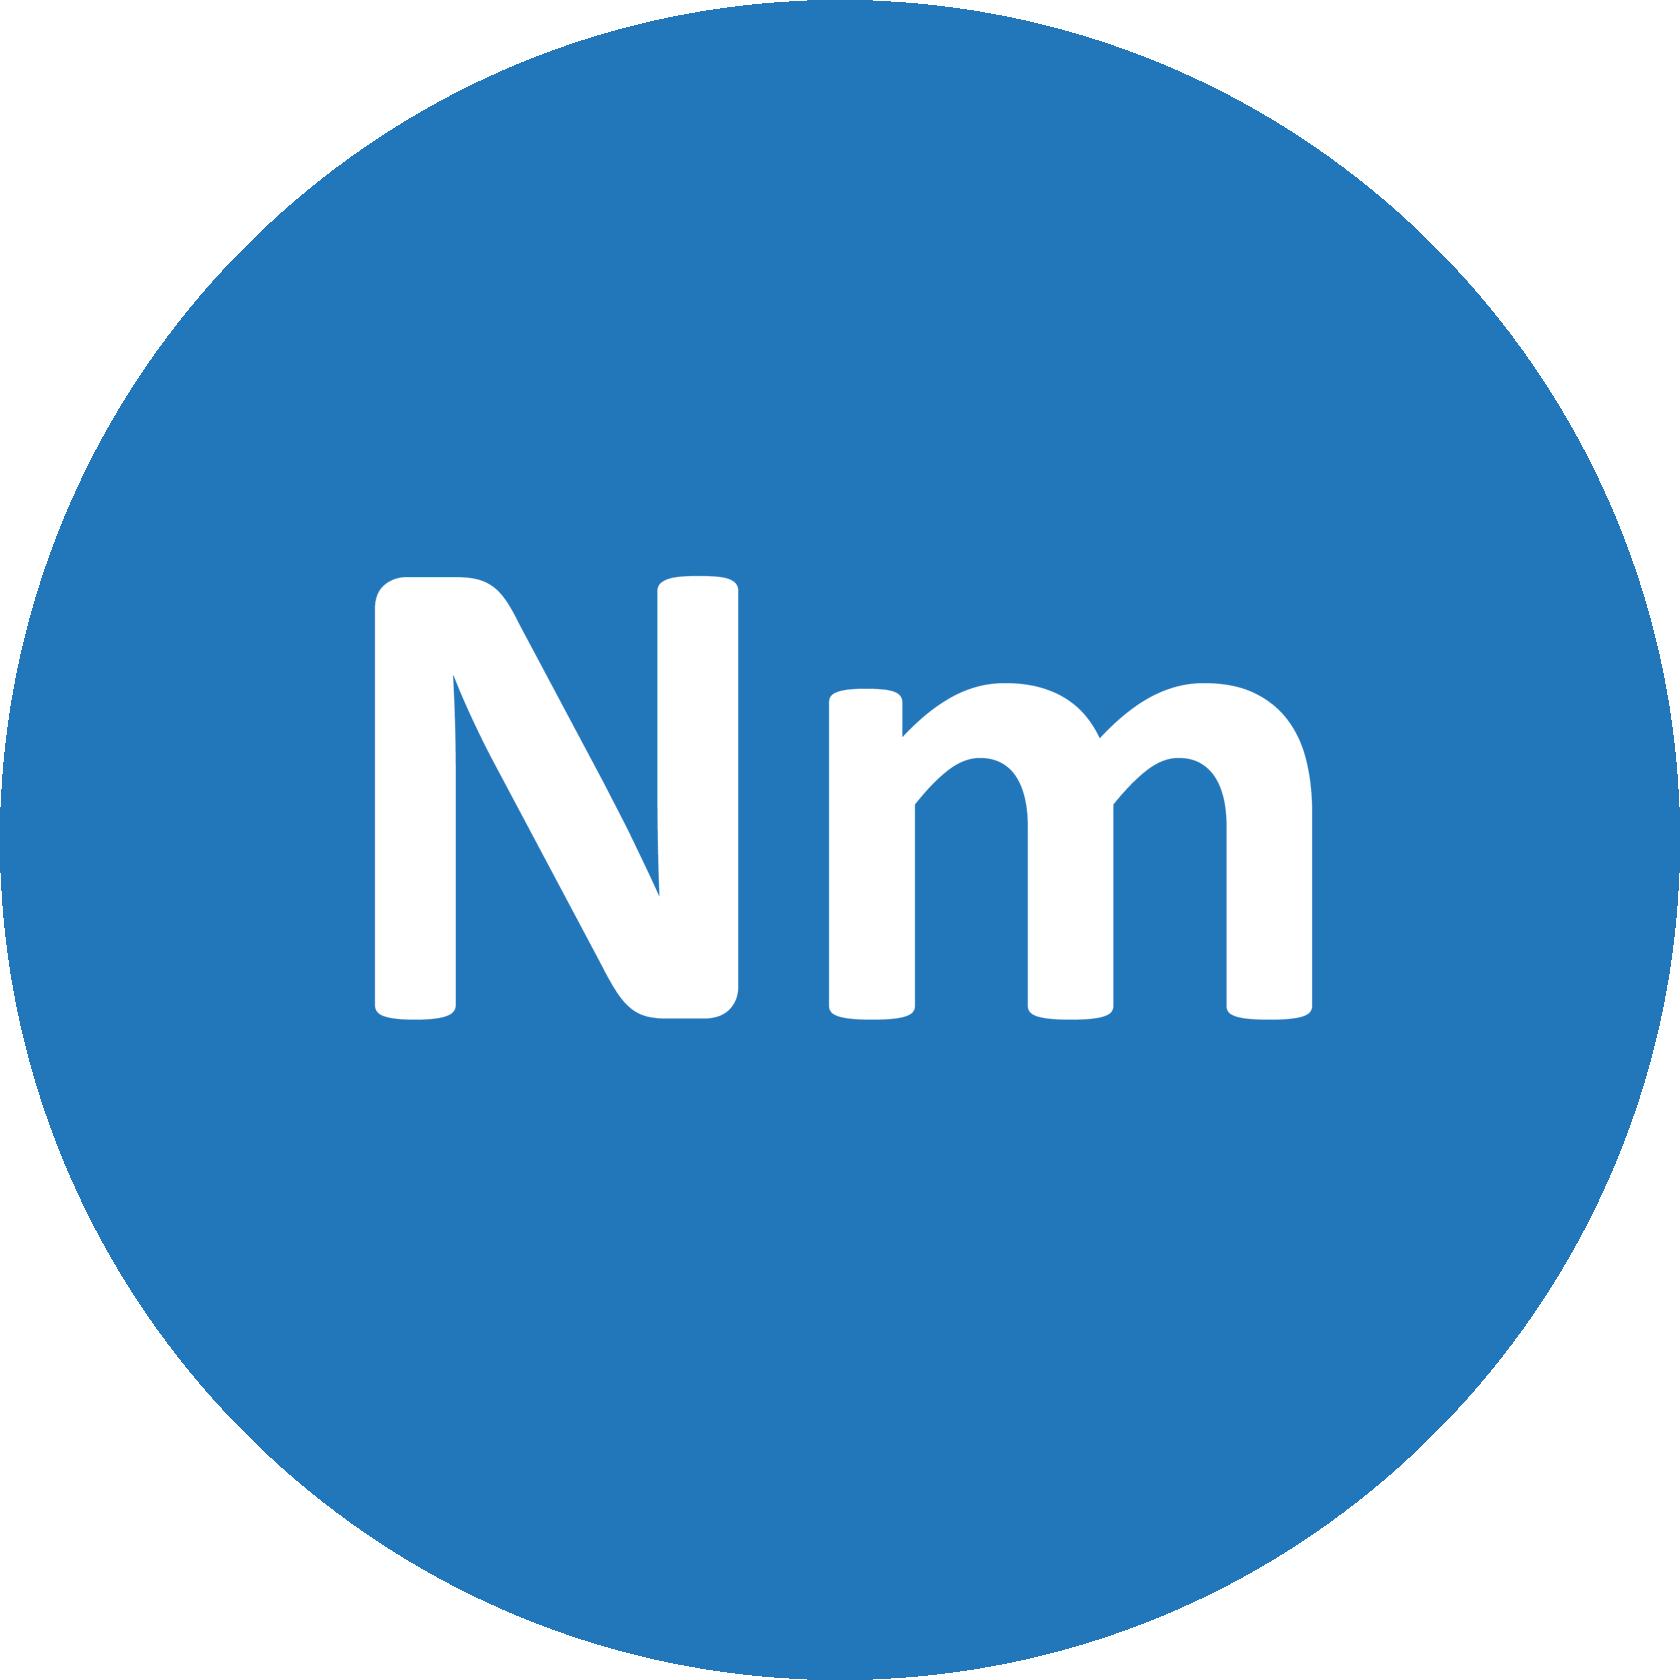 Newtonm.com